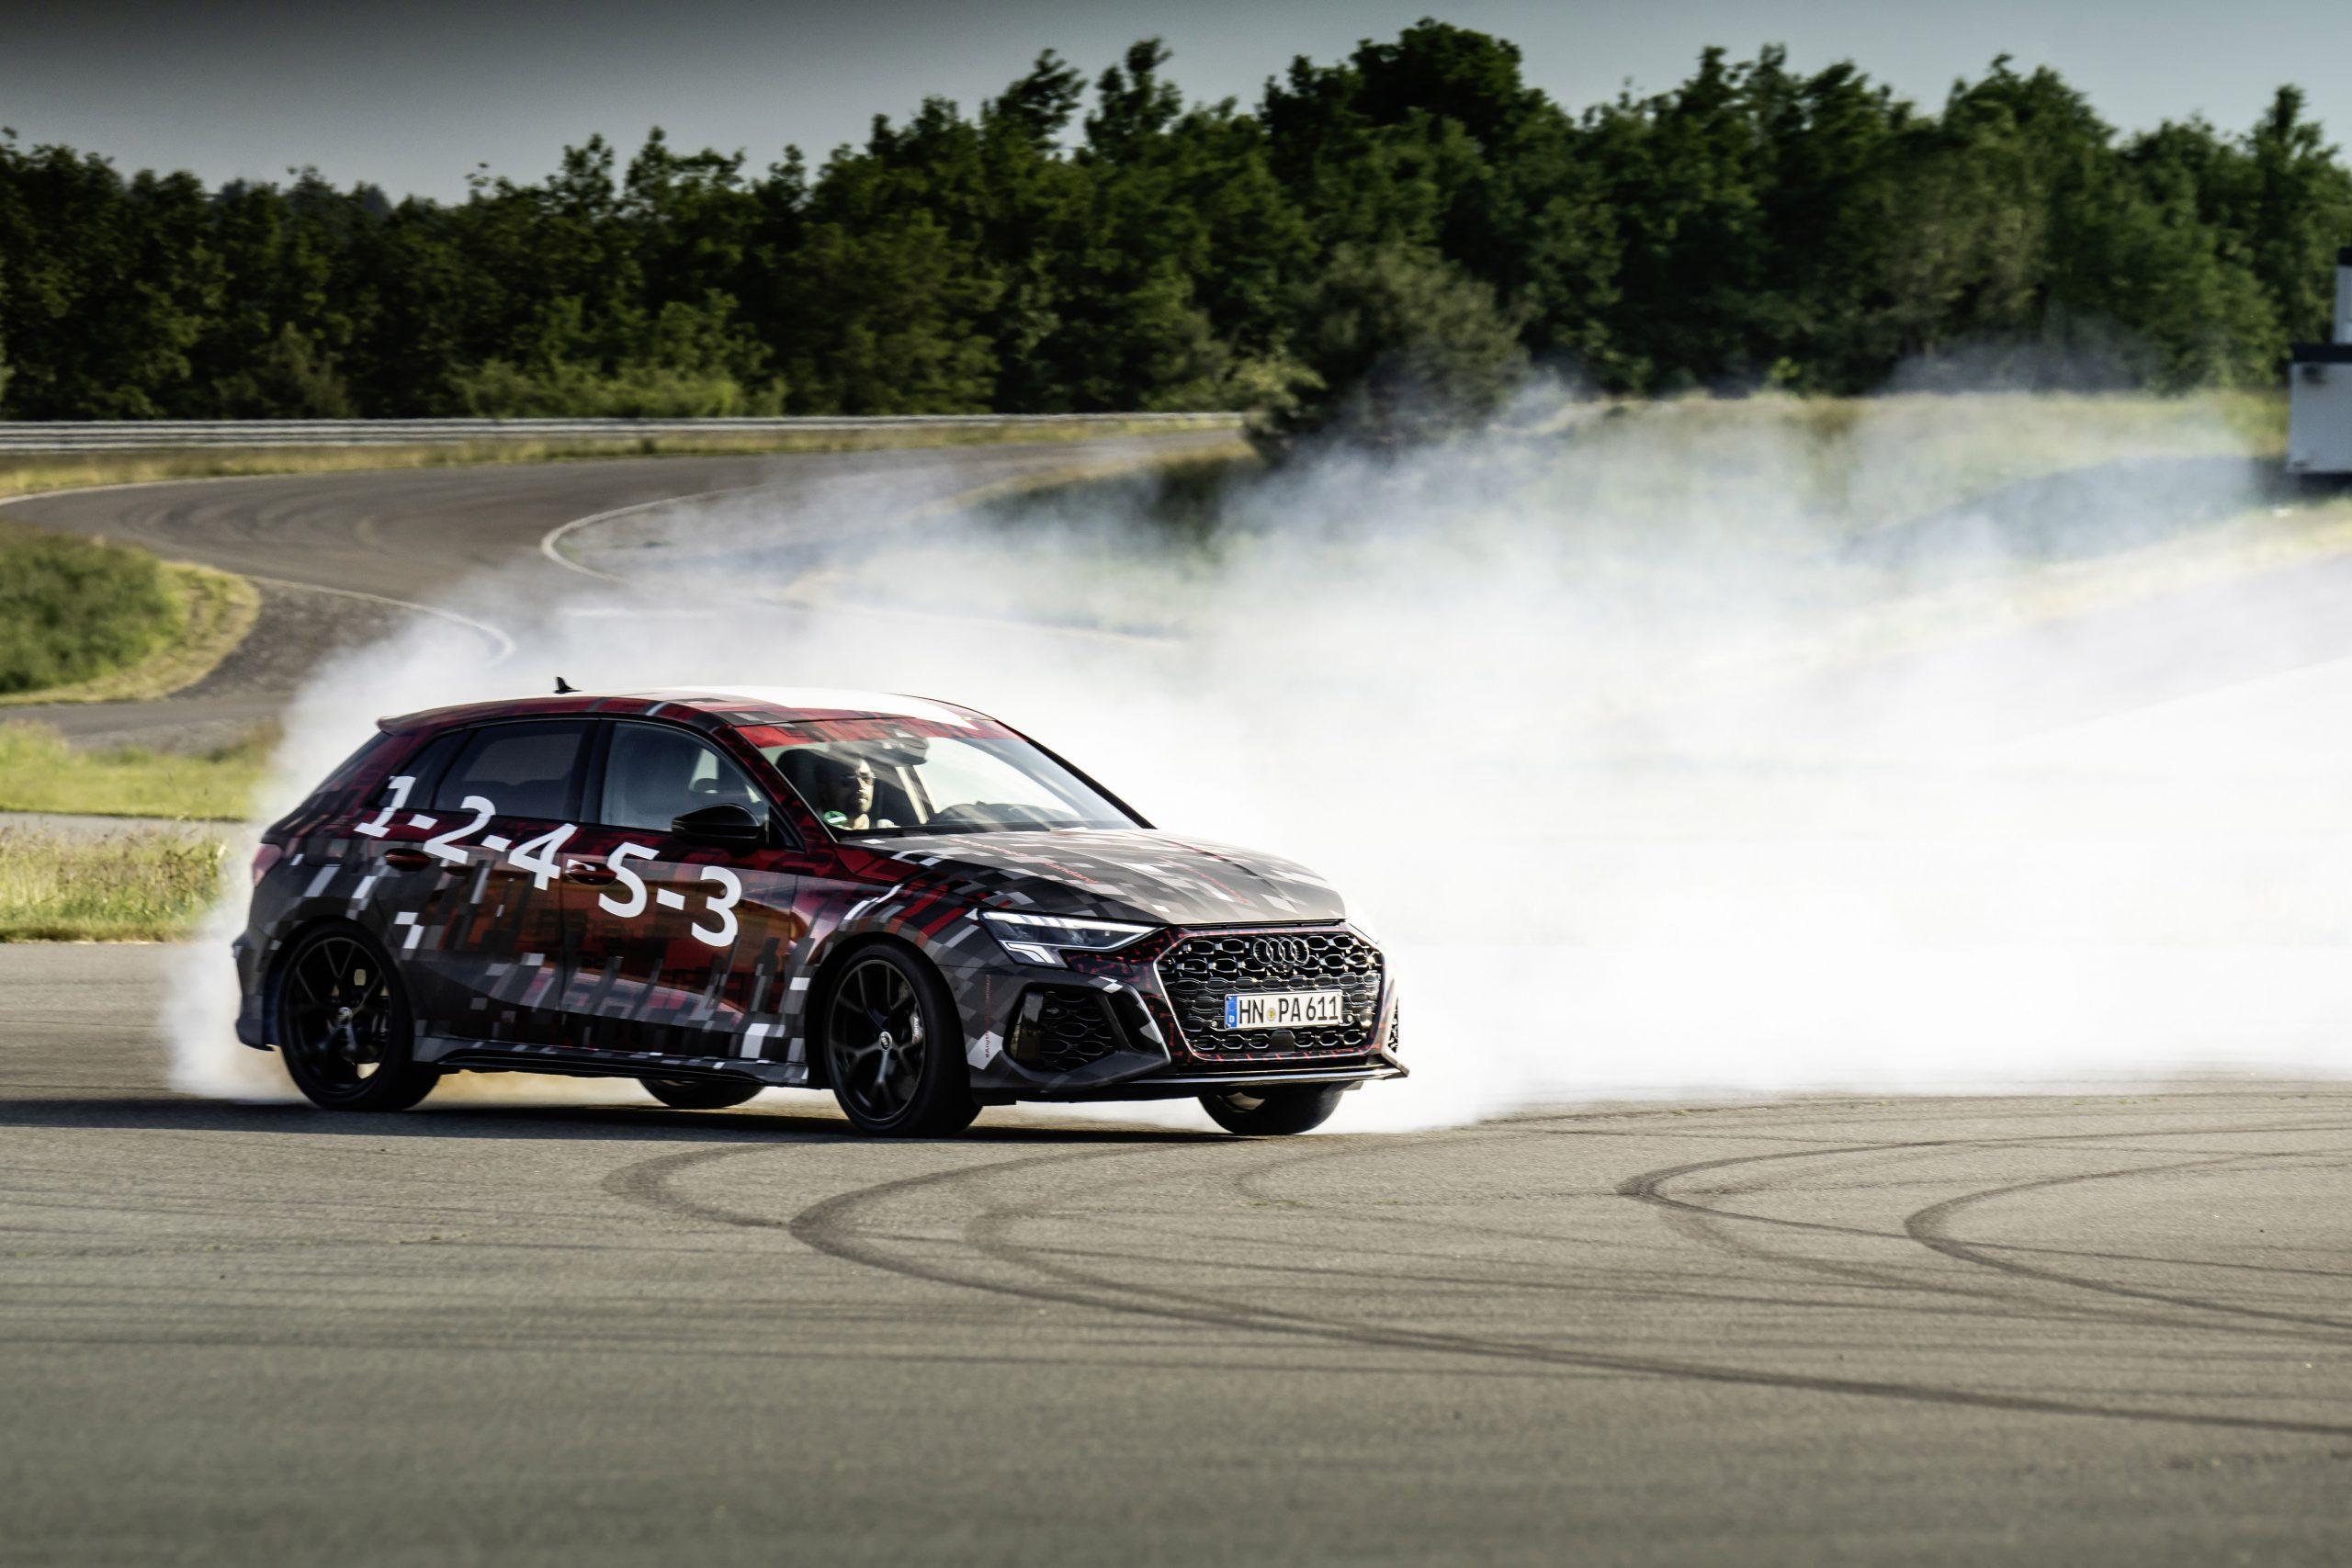 Audi RS3 Sneak Preview tire smoke track